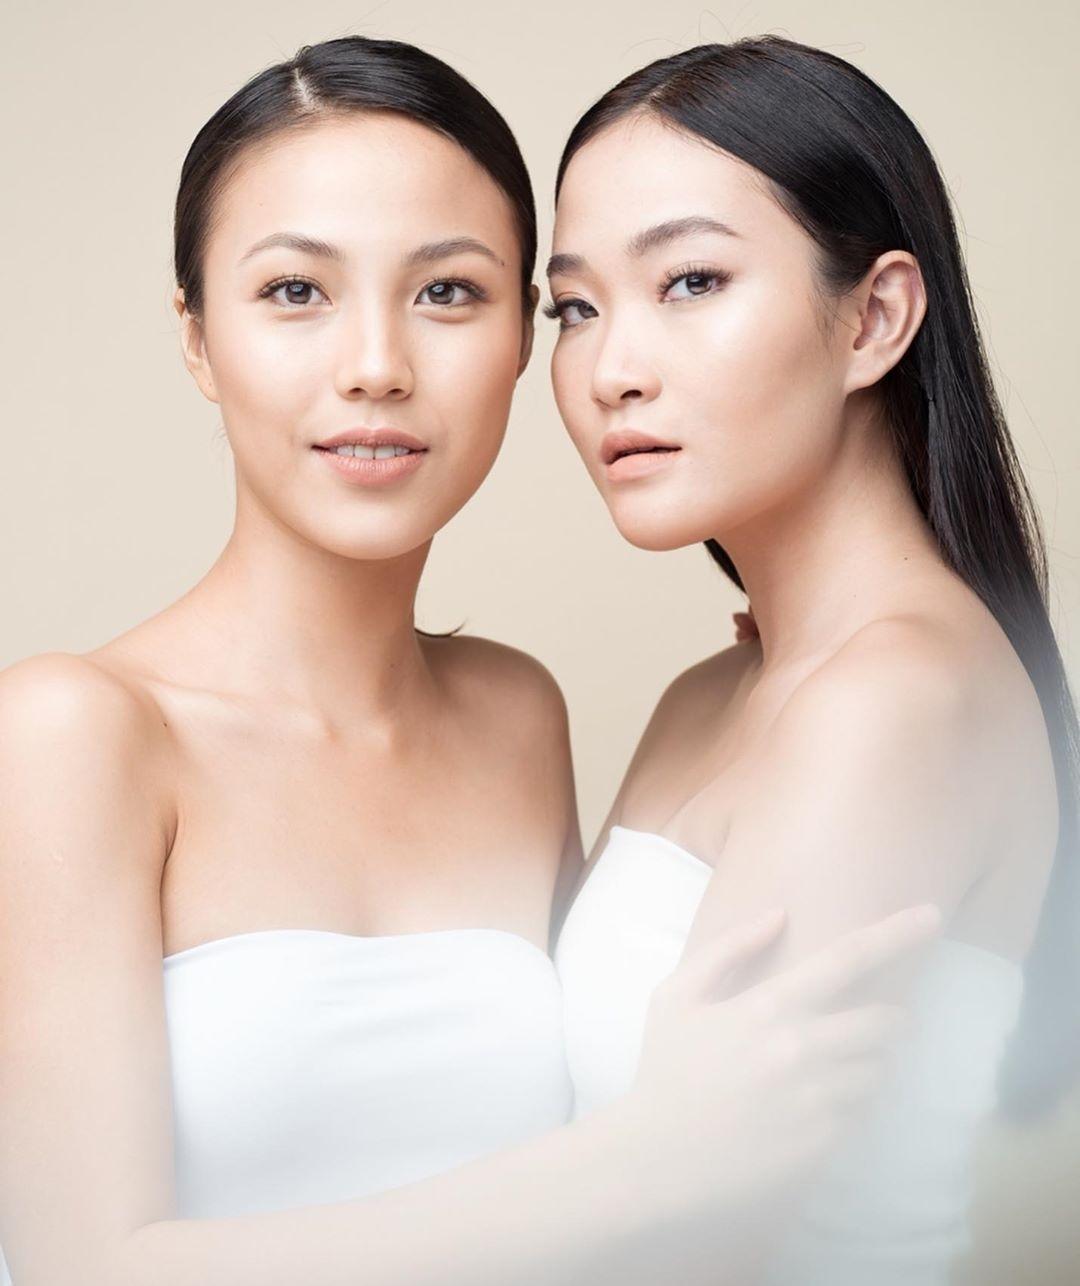 Mediana foe Misumi lash & beauty